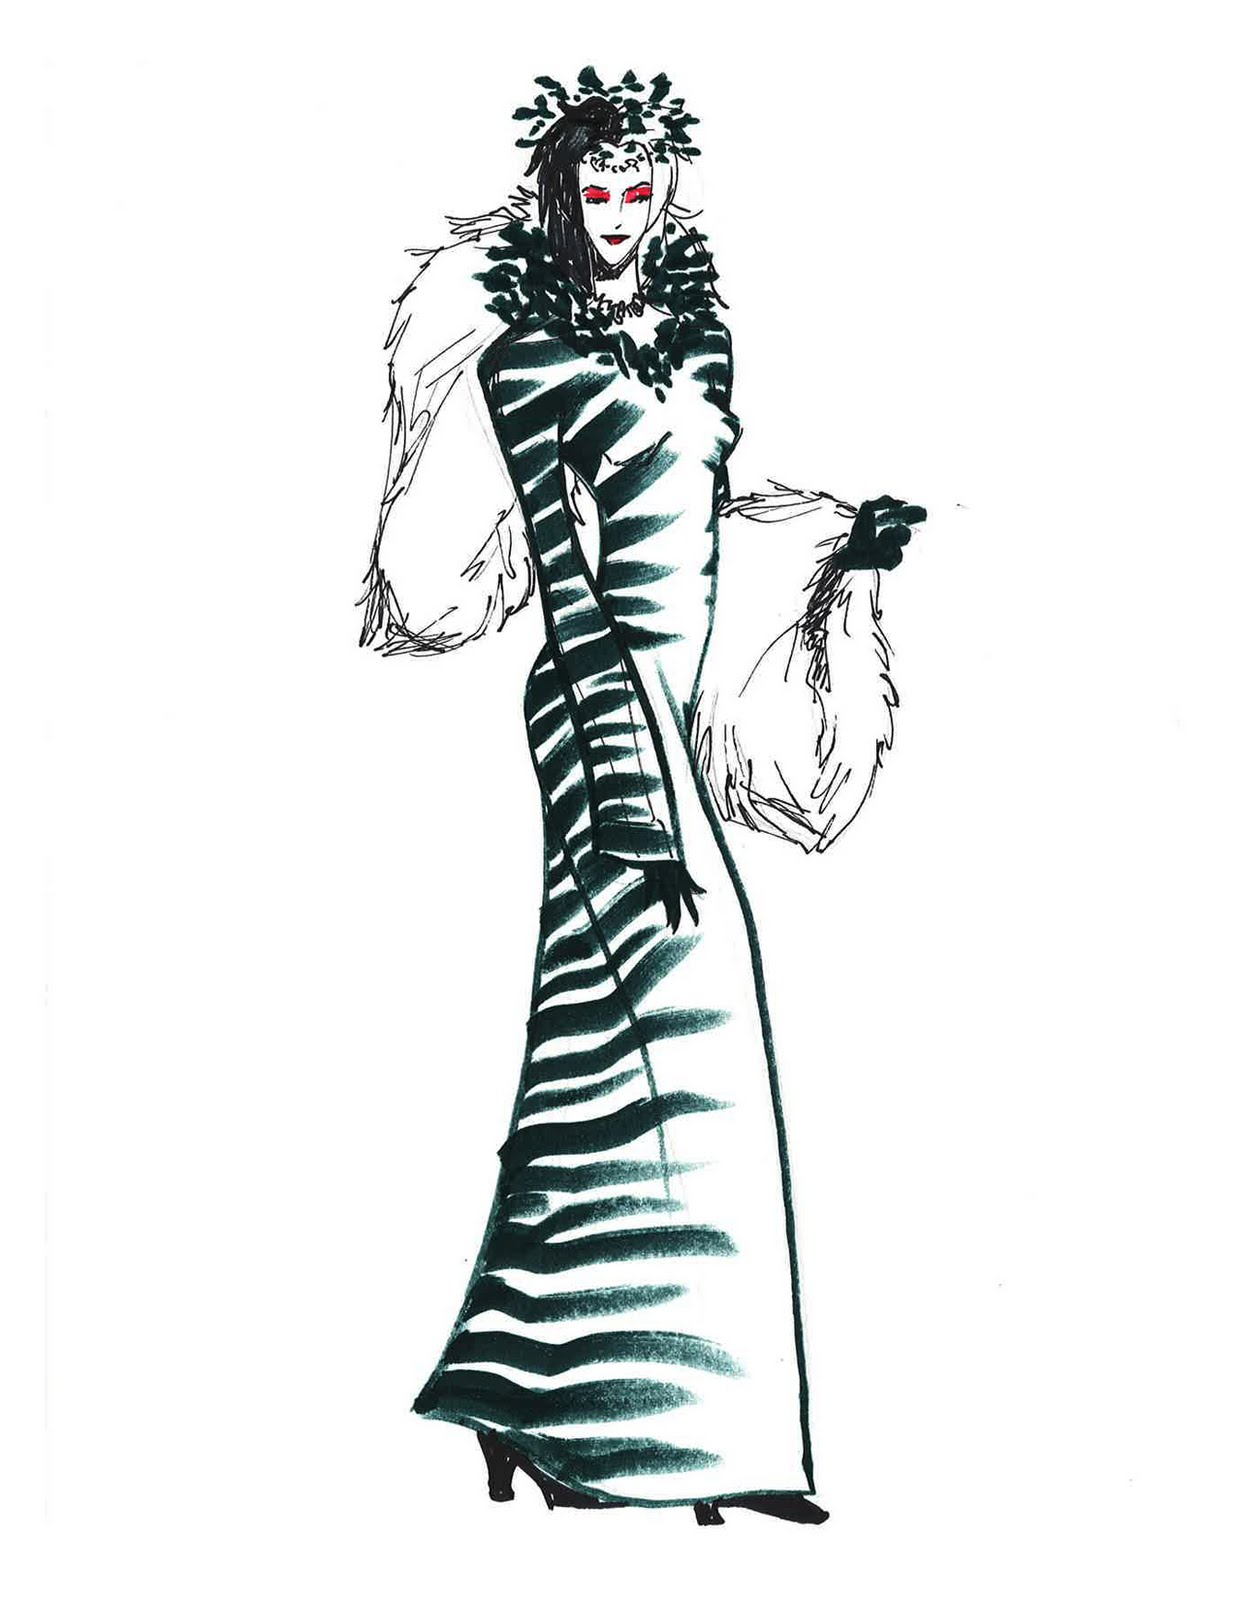 Cruella de vil fashion 13